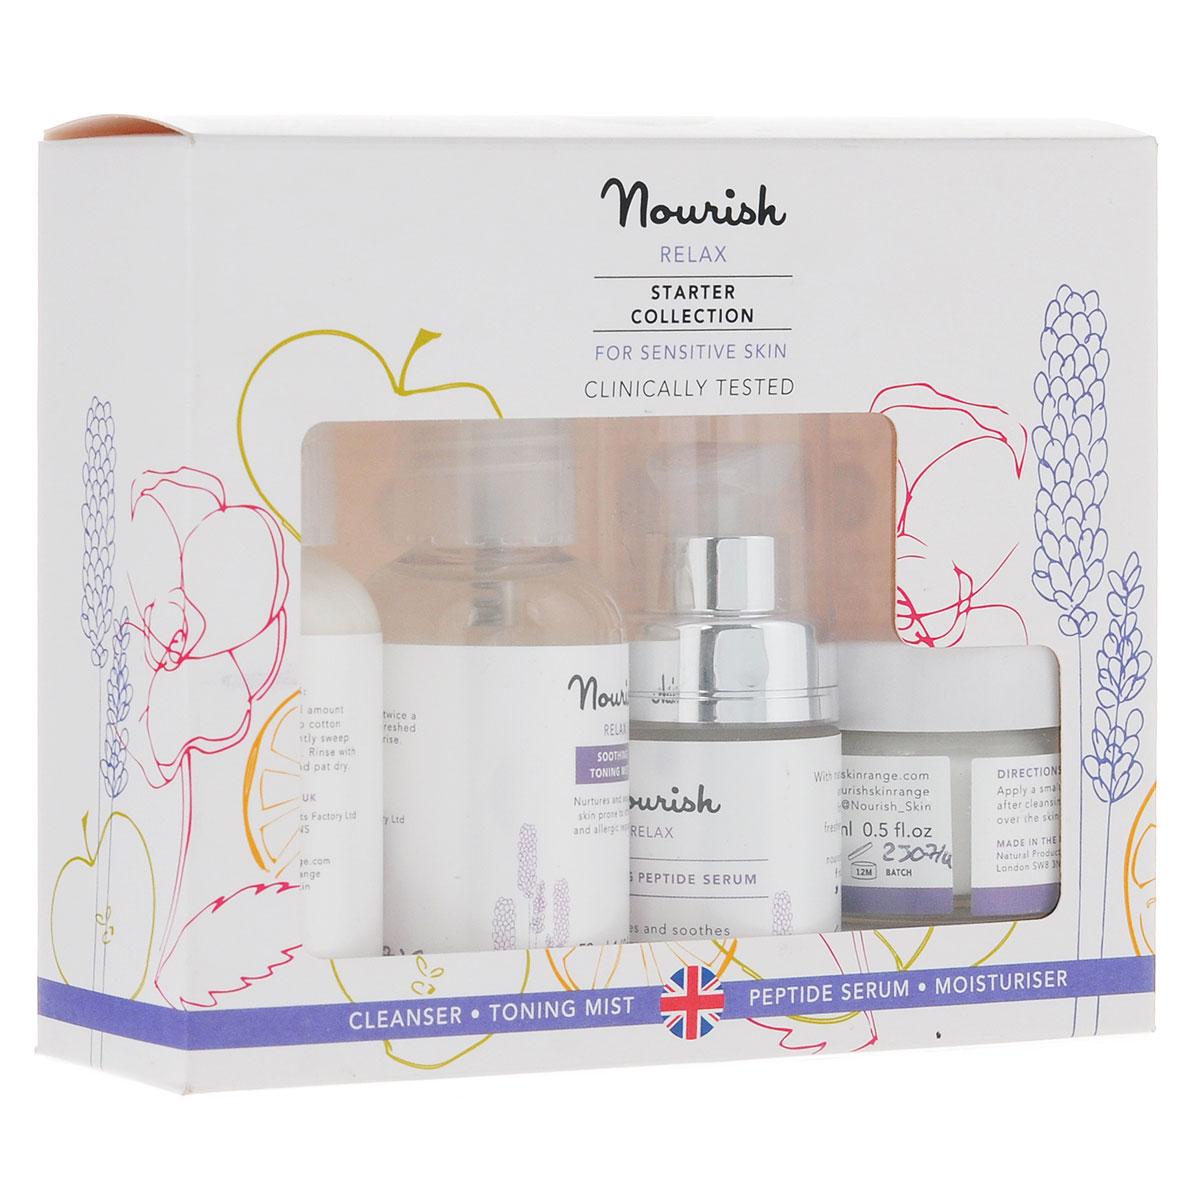 Nourish Набор миниатюр для ухода за лицом Relax, для чувствительной кожи: молочко, очищающее, тоник-мист, увлажняющий, крем для лица, увлажняющий, сыворотка для лица, питательная